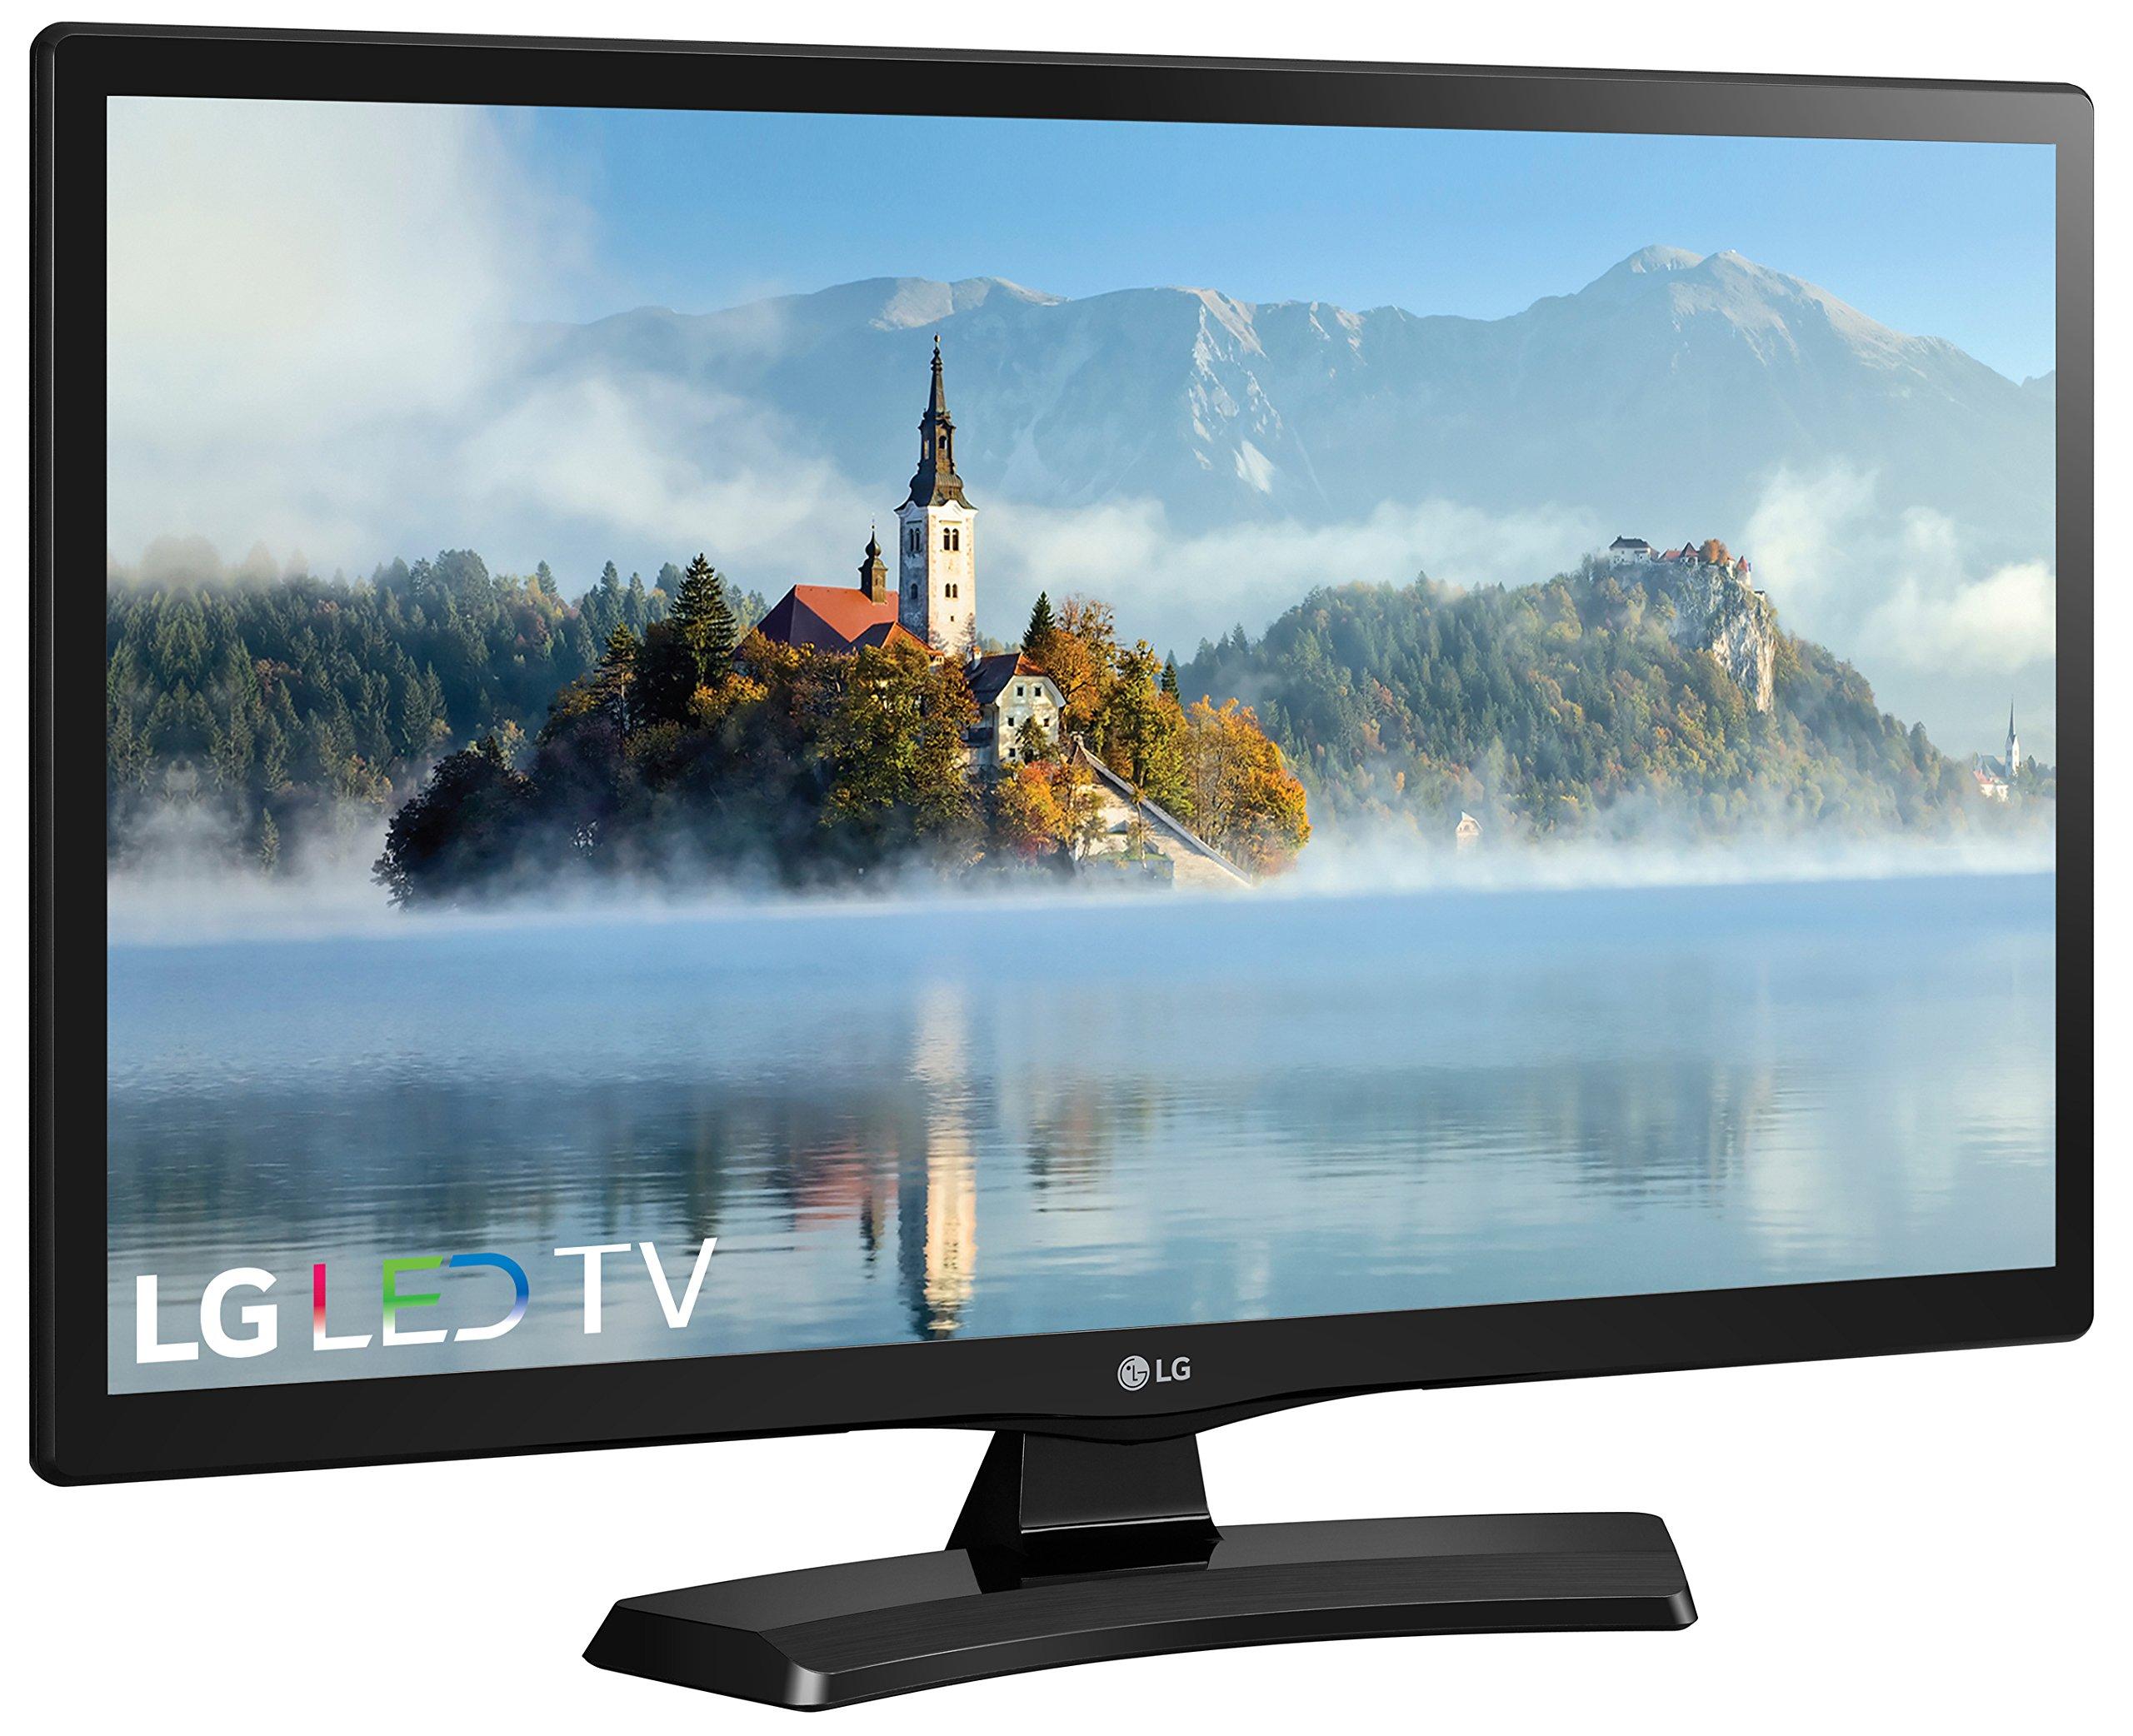 LG Electronics HD LED TV 3